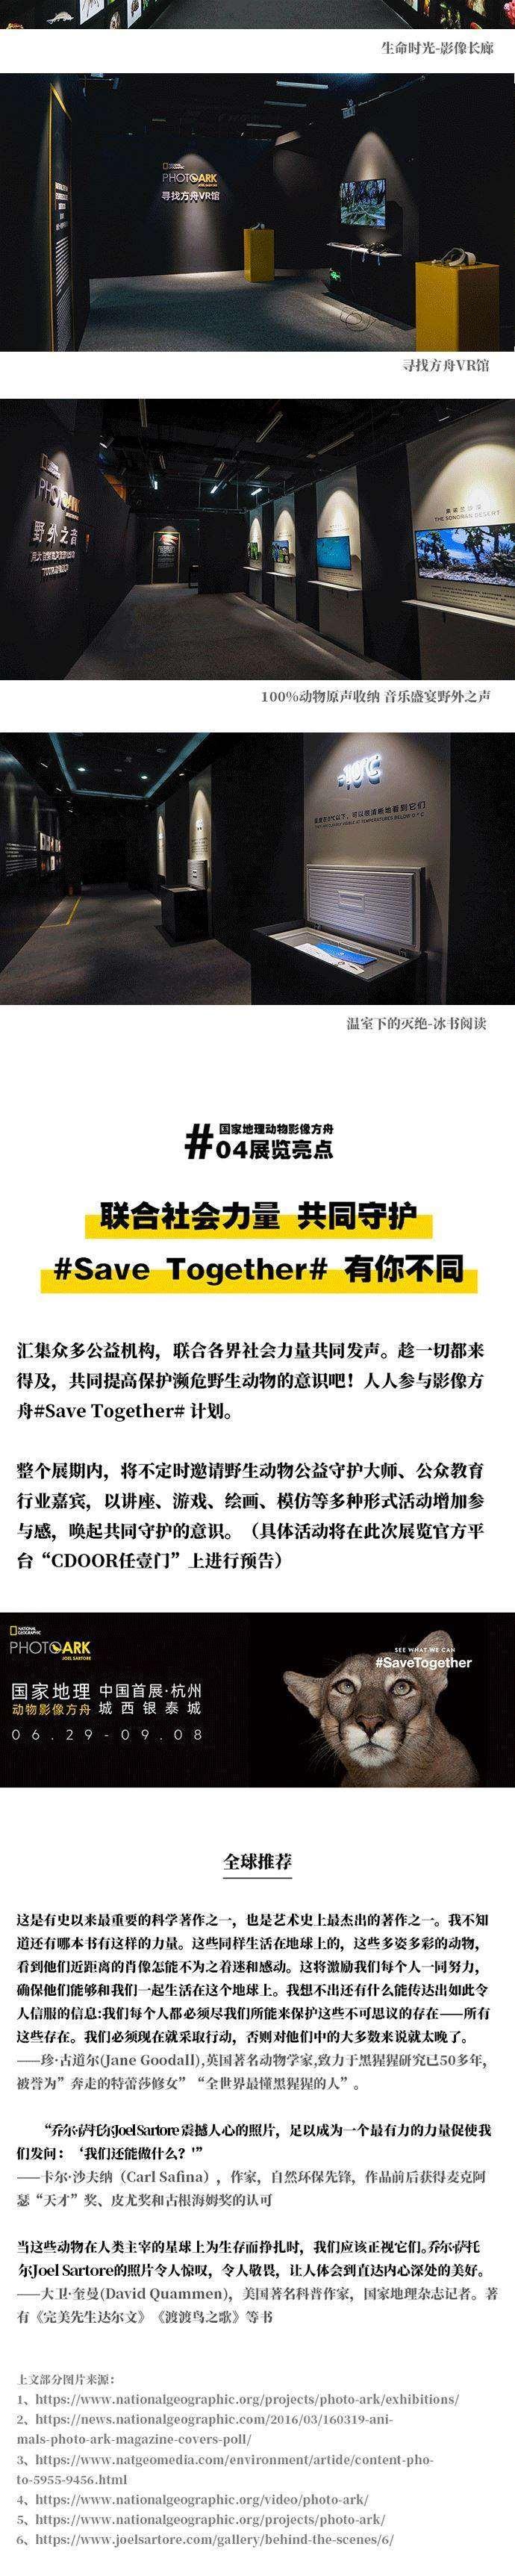 网易华东×国家地理展活动页面_05.gif